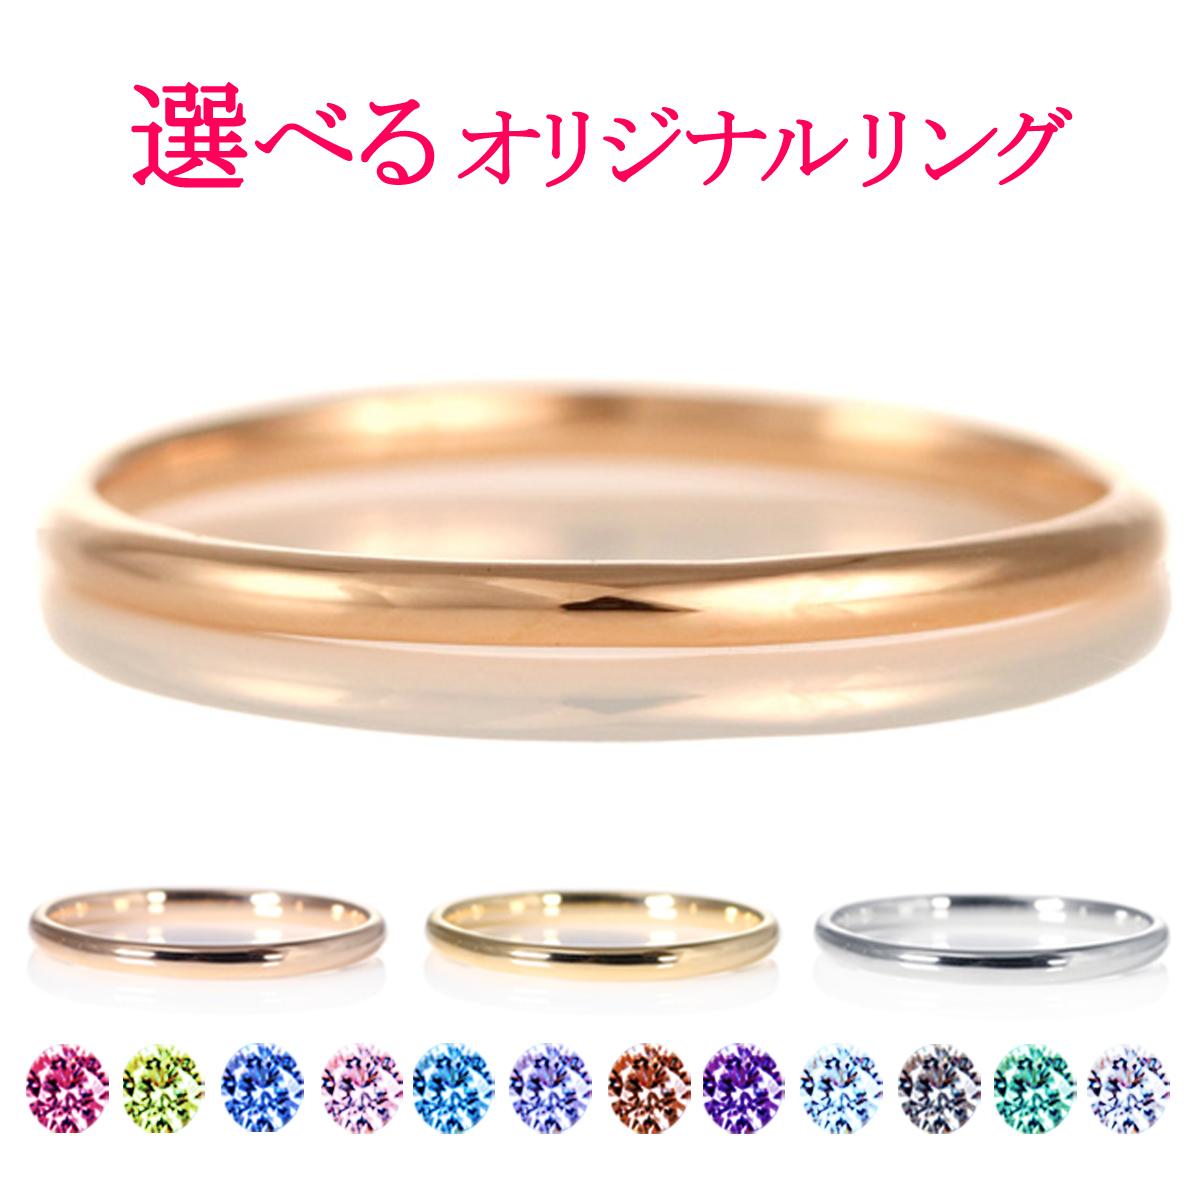 結婚指輪 マリッジリング 18金 ピンクゴールド 甲丸 レディース